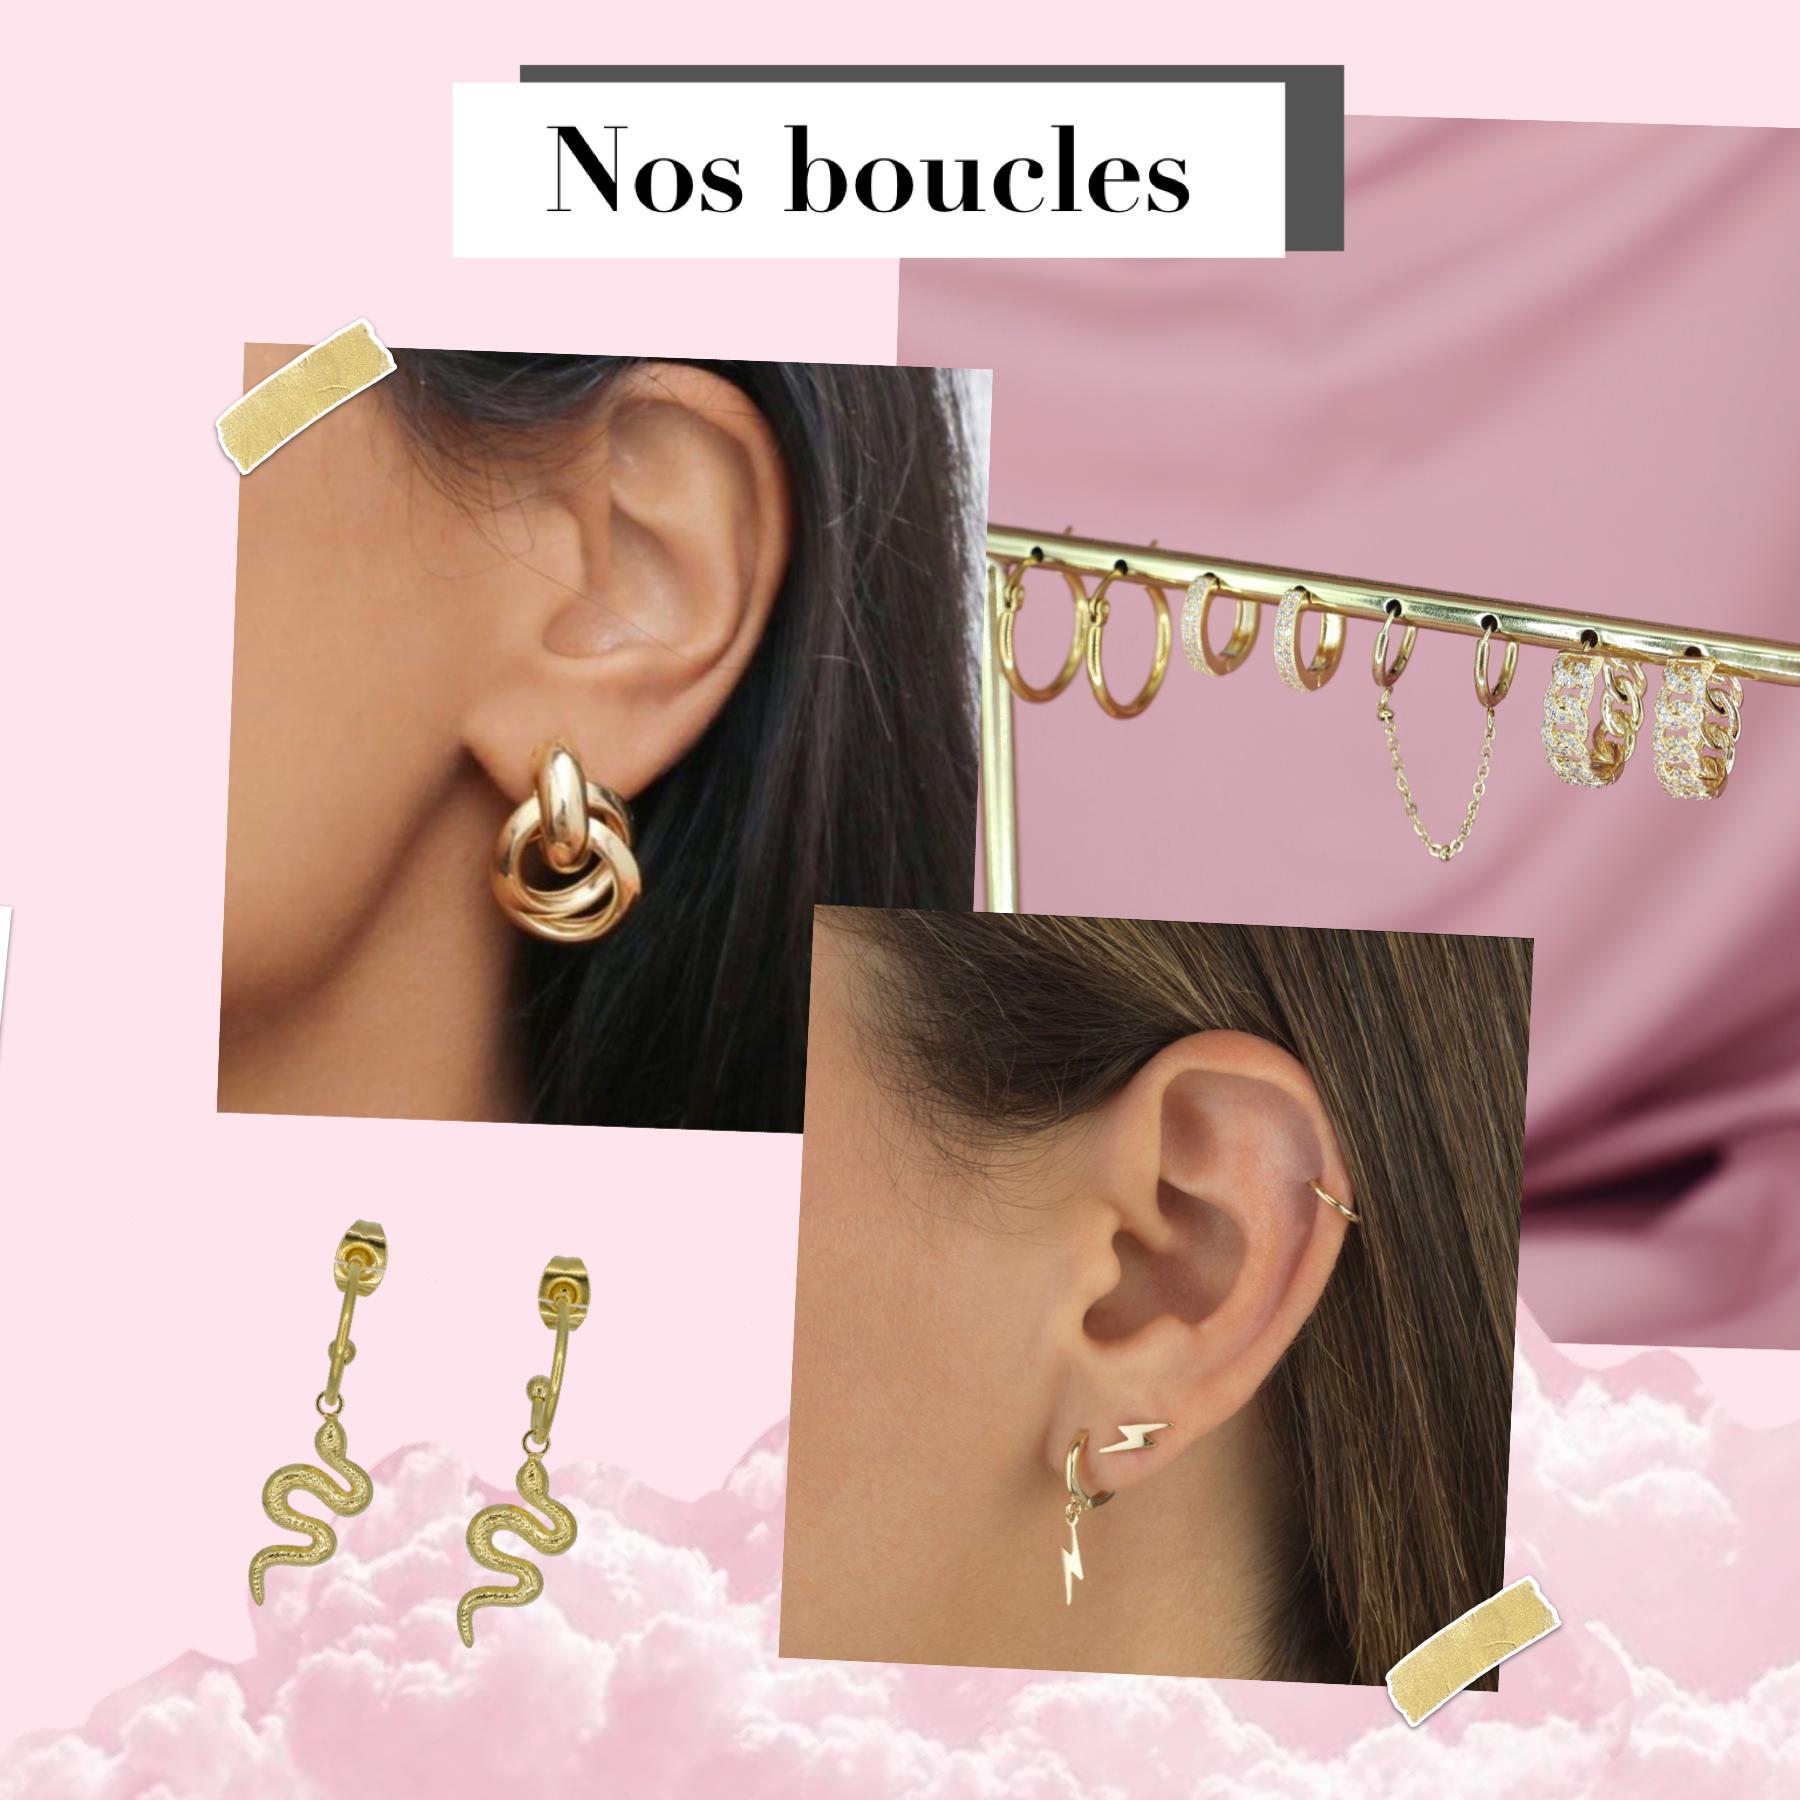 boucles d'oreilles Hazanellie Paris